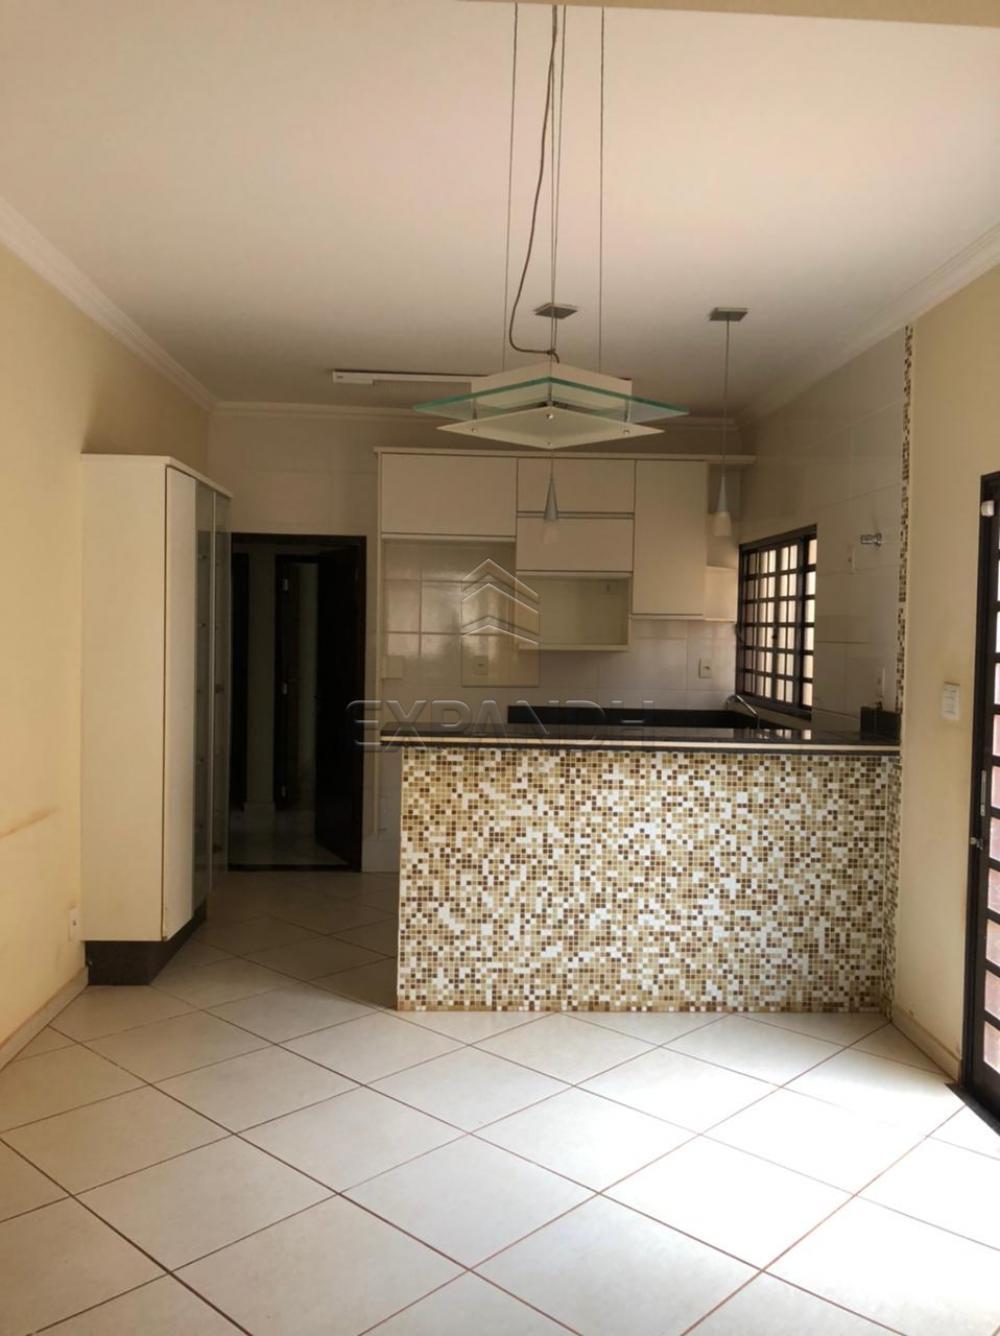 Alugar Casas / Padrão em Sertãozinho apenas R$ 1.500,00 - Foto 9